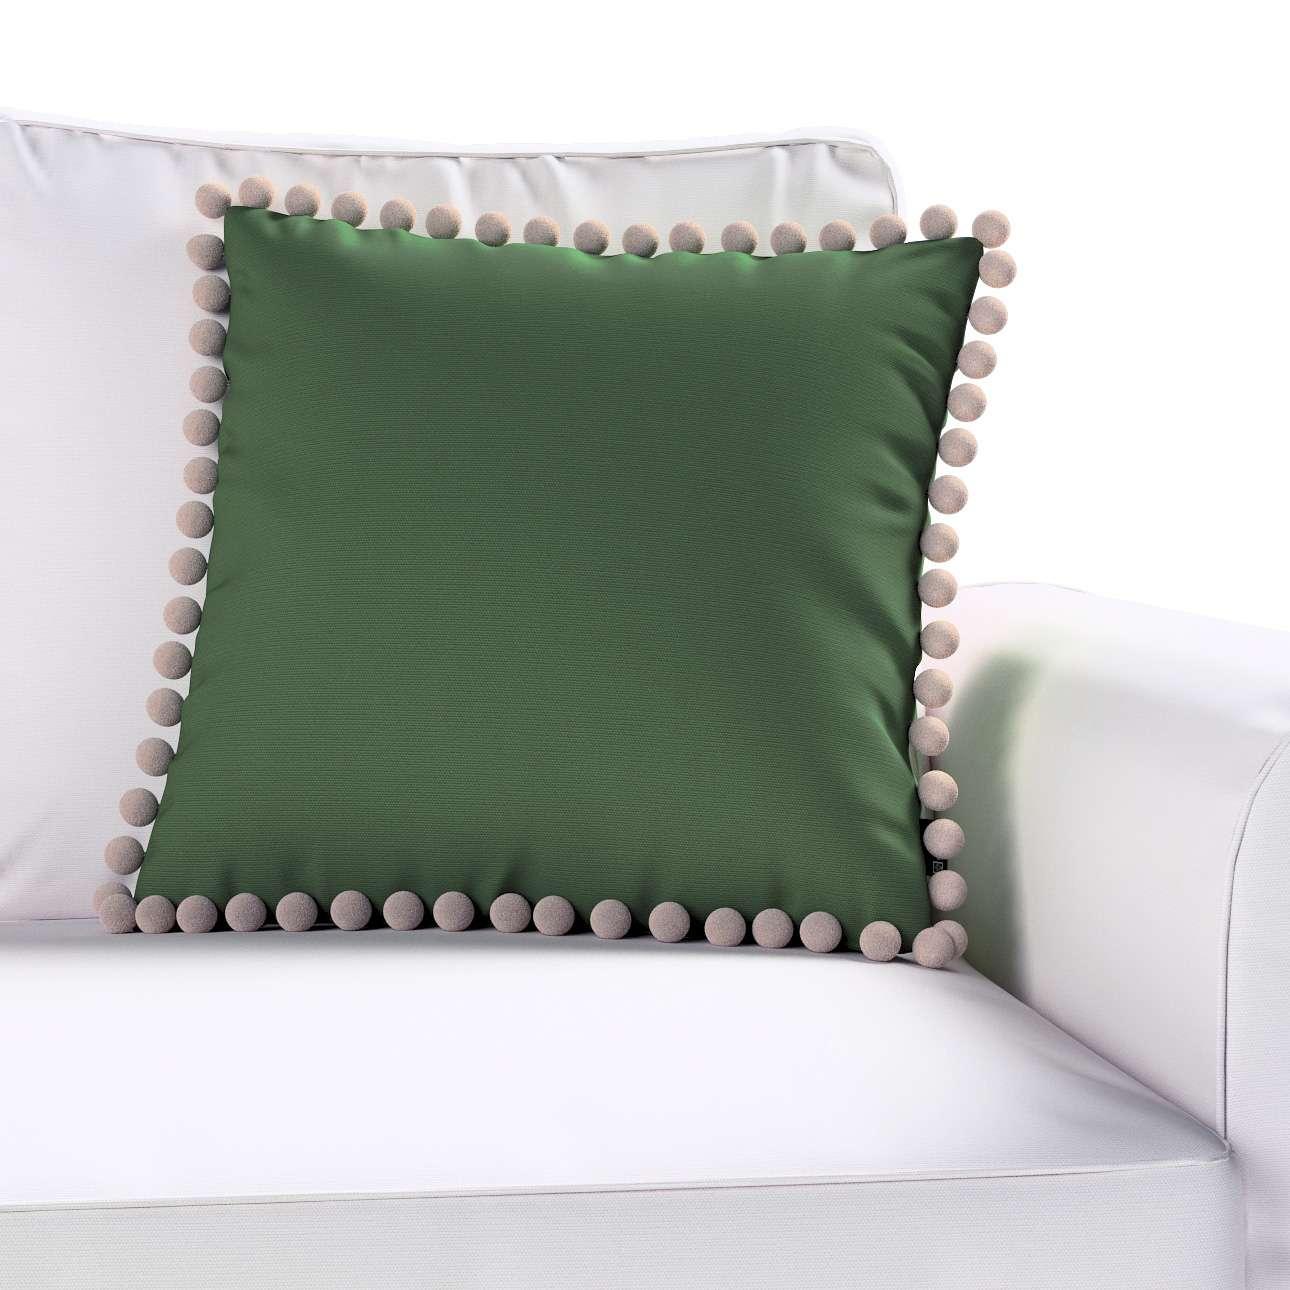 Kissenhülle Wera mit Bommeln von der Kollektion Cotton Panama, Stoff: 702-06